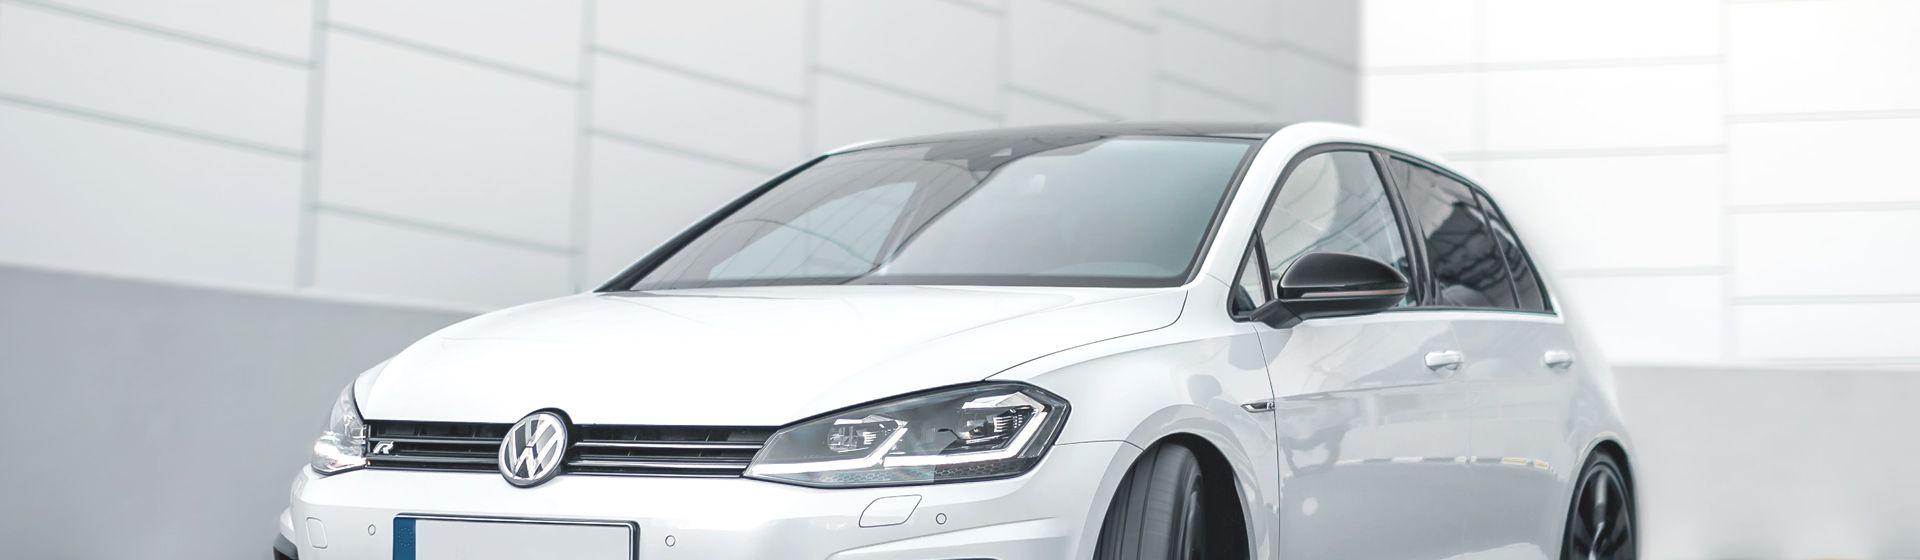 Schadensersatz VW Diesel Urteil